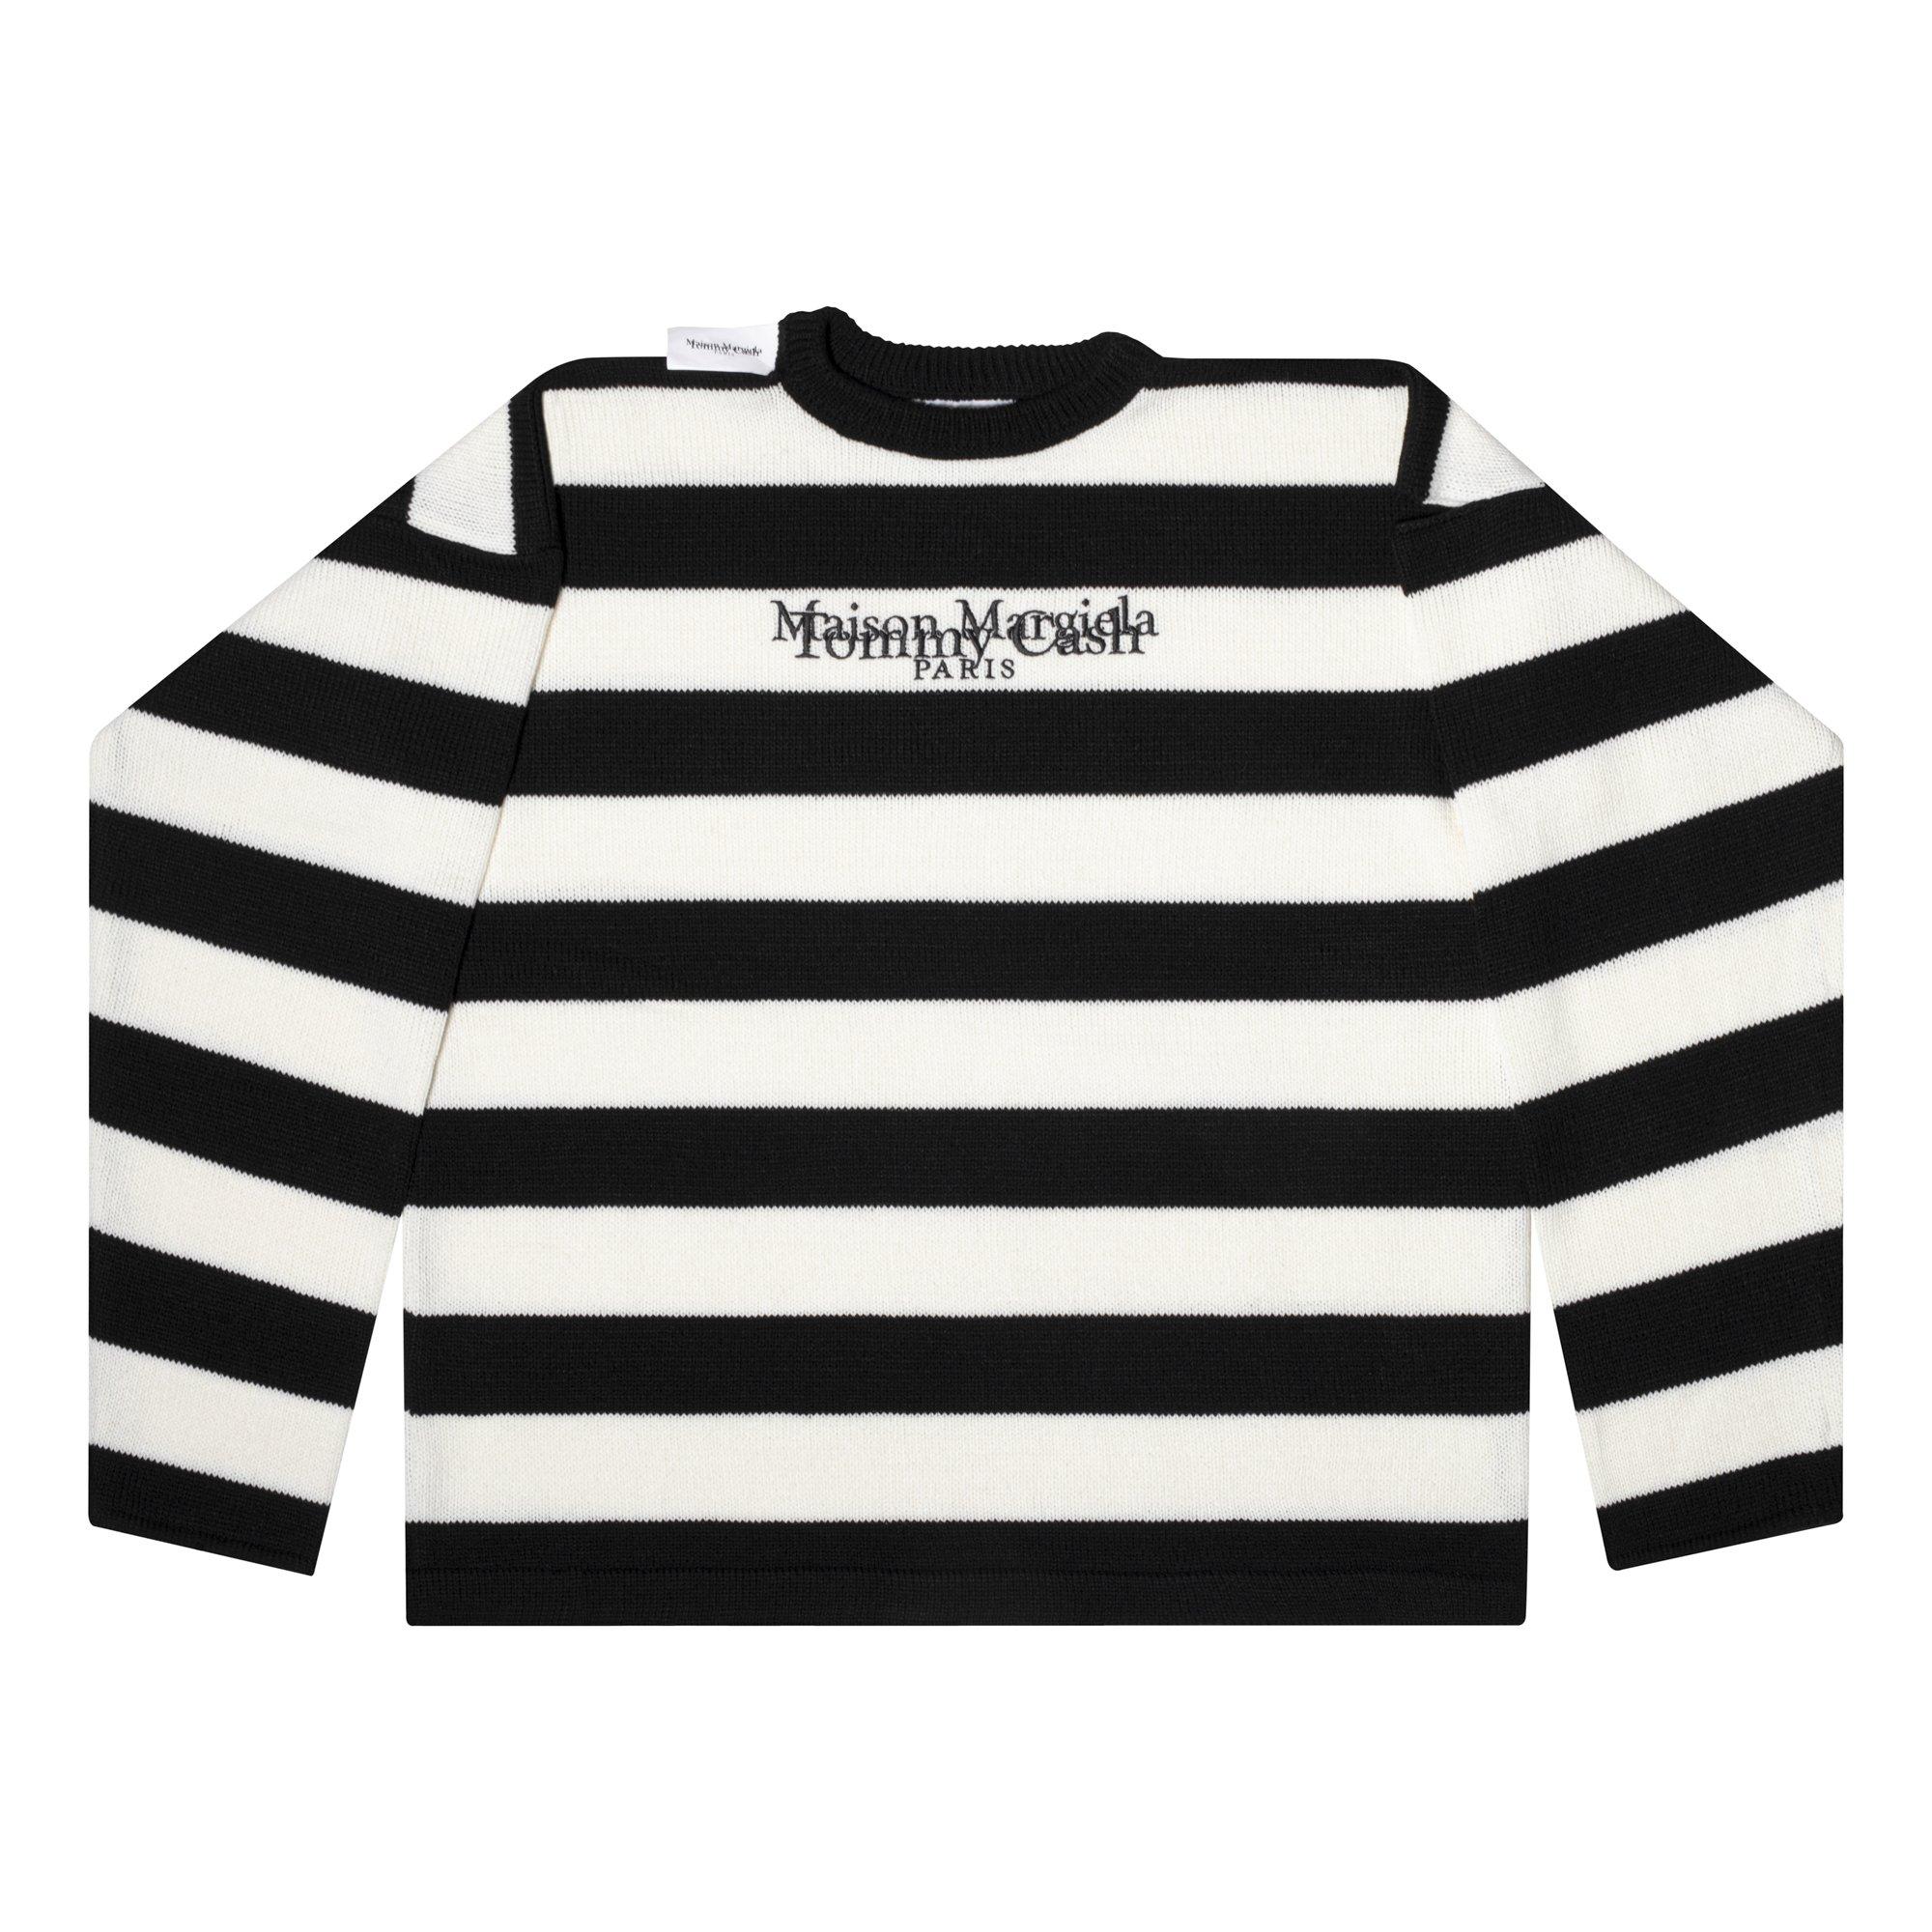 商品 Maison Margiela x Tommy Cash Sweater|包邮【S北美特拉华直发】 图